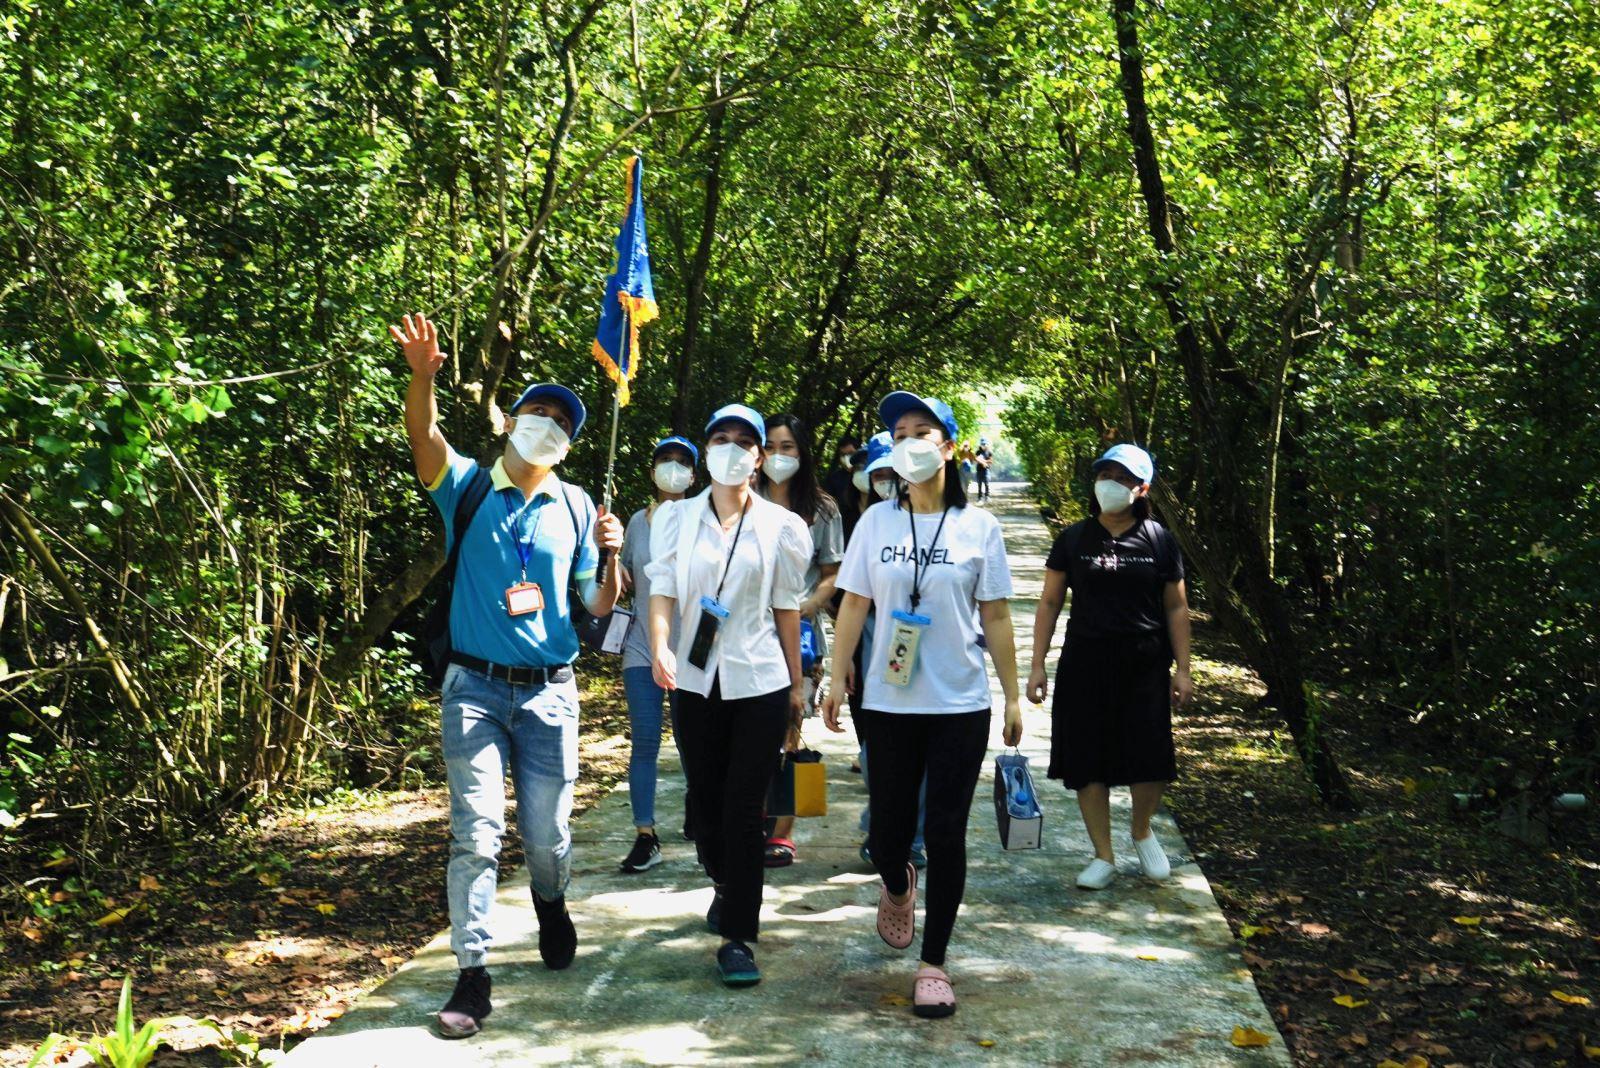 """Tour du lịch khép kín – giải pháp khôi phục du lịch nội địa an toàn trong thời kỳ """"bình thường mới"""""""